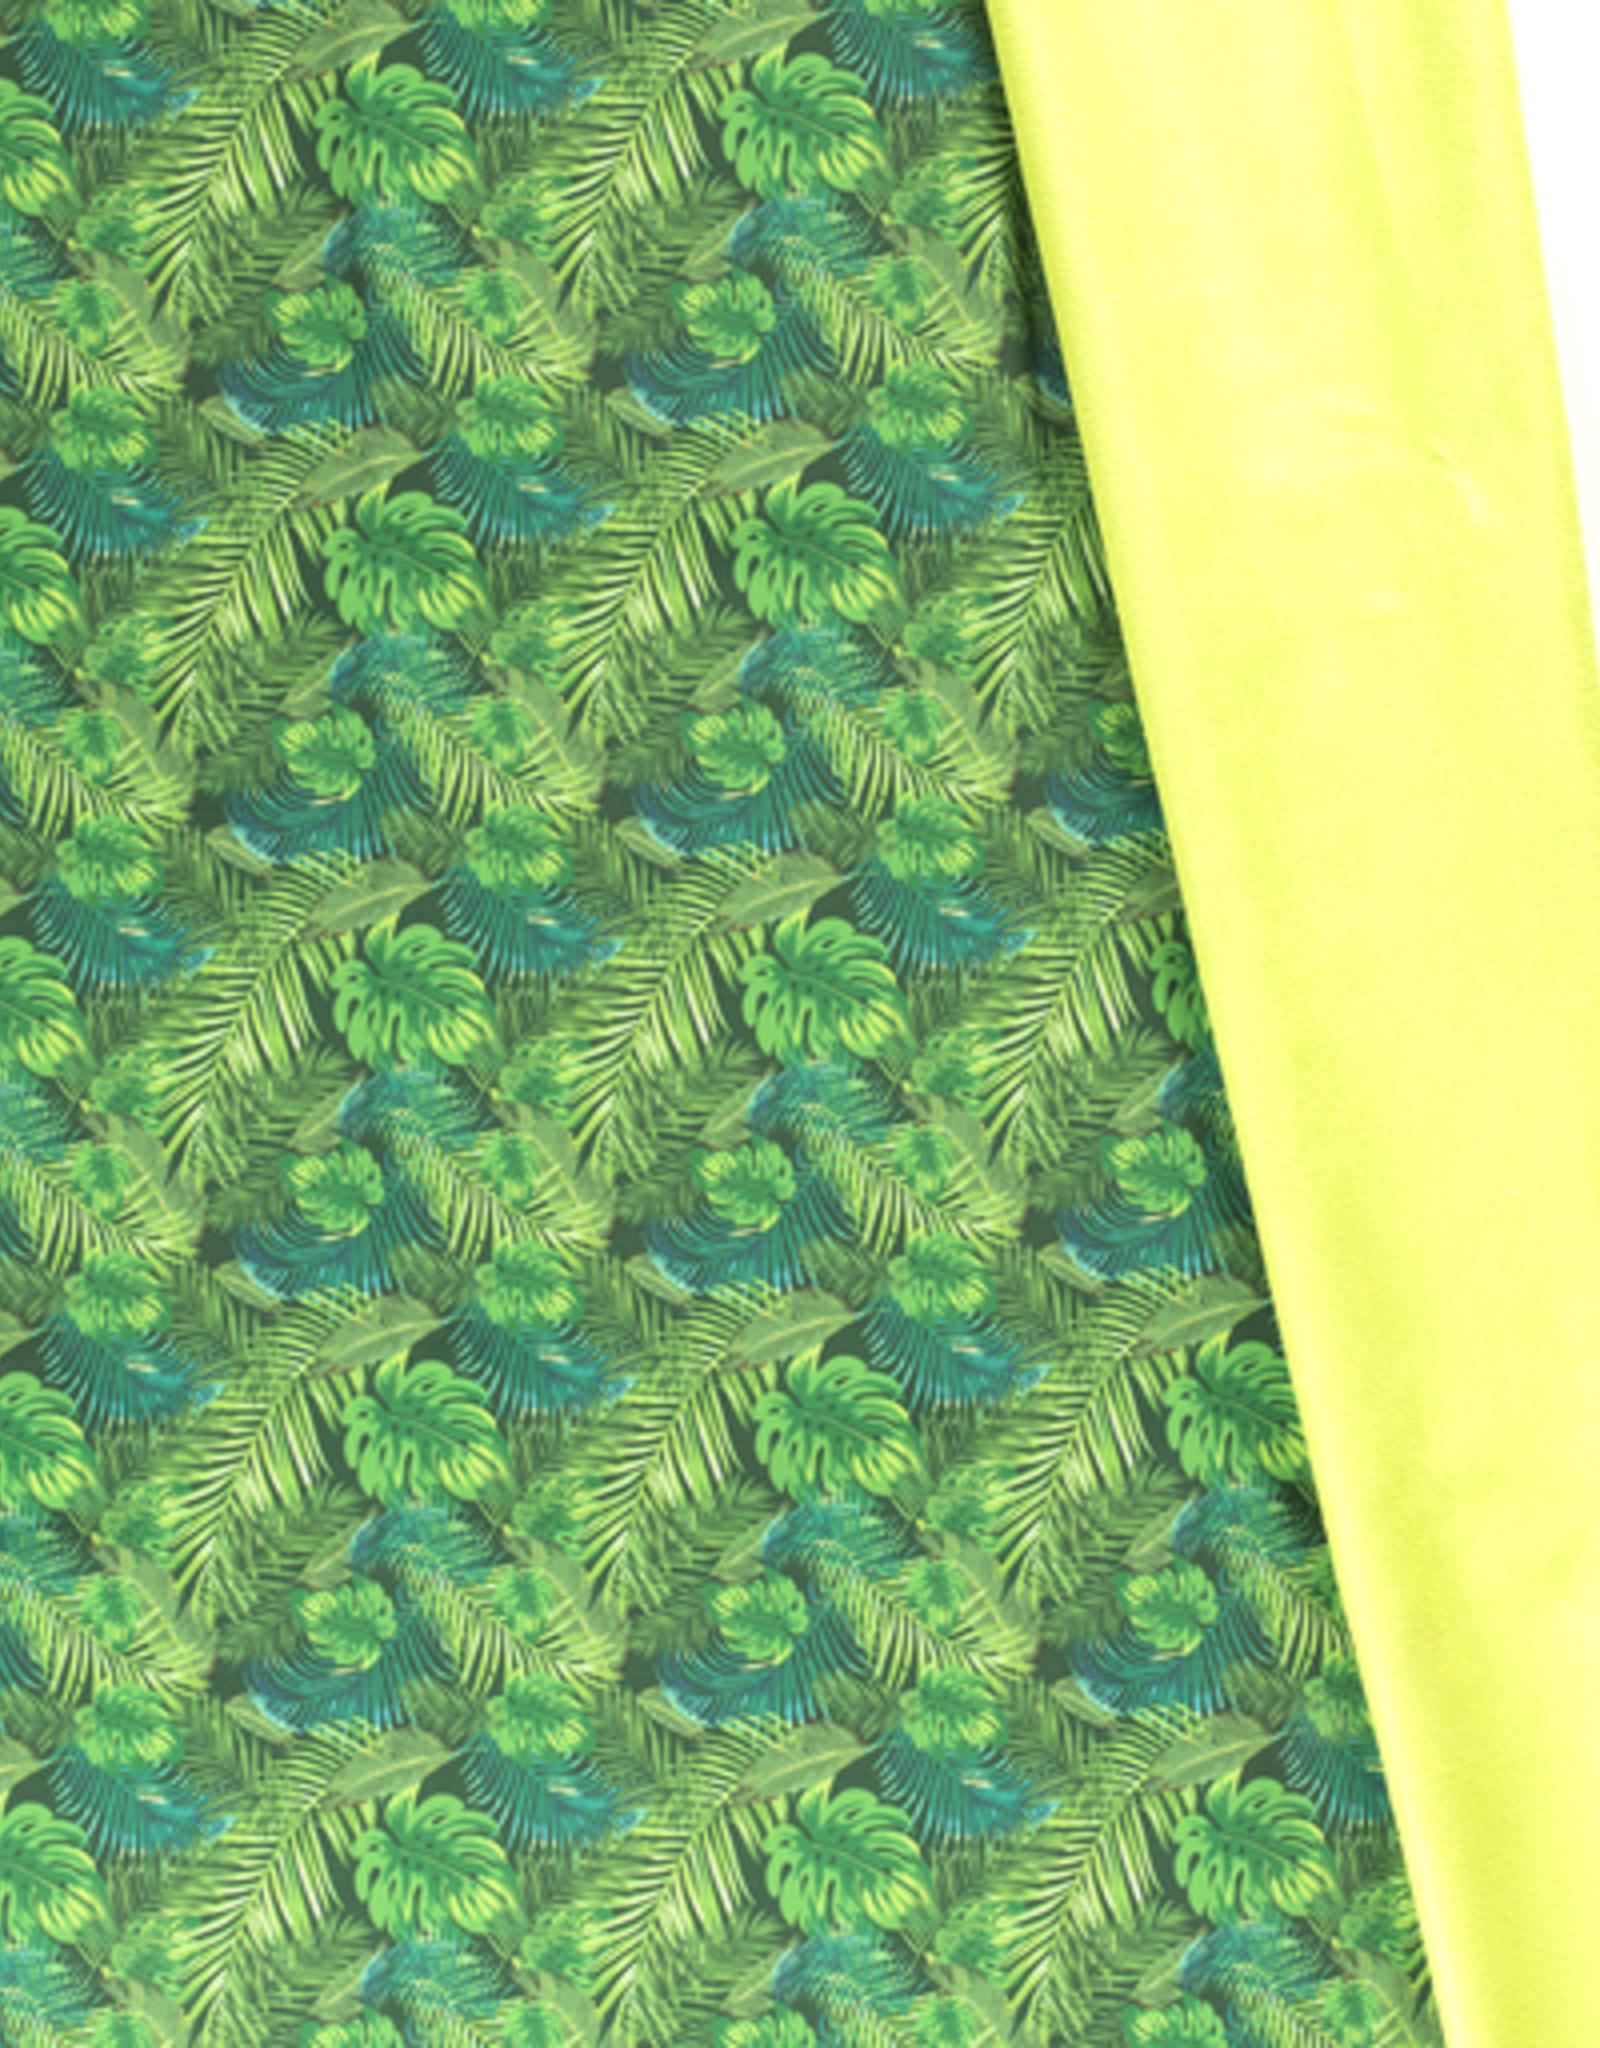 Softshell digital print green plants